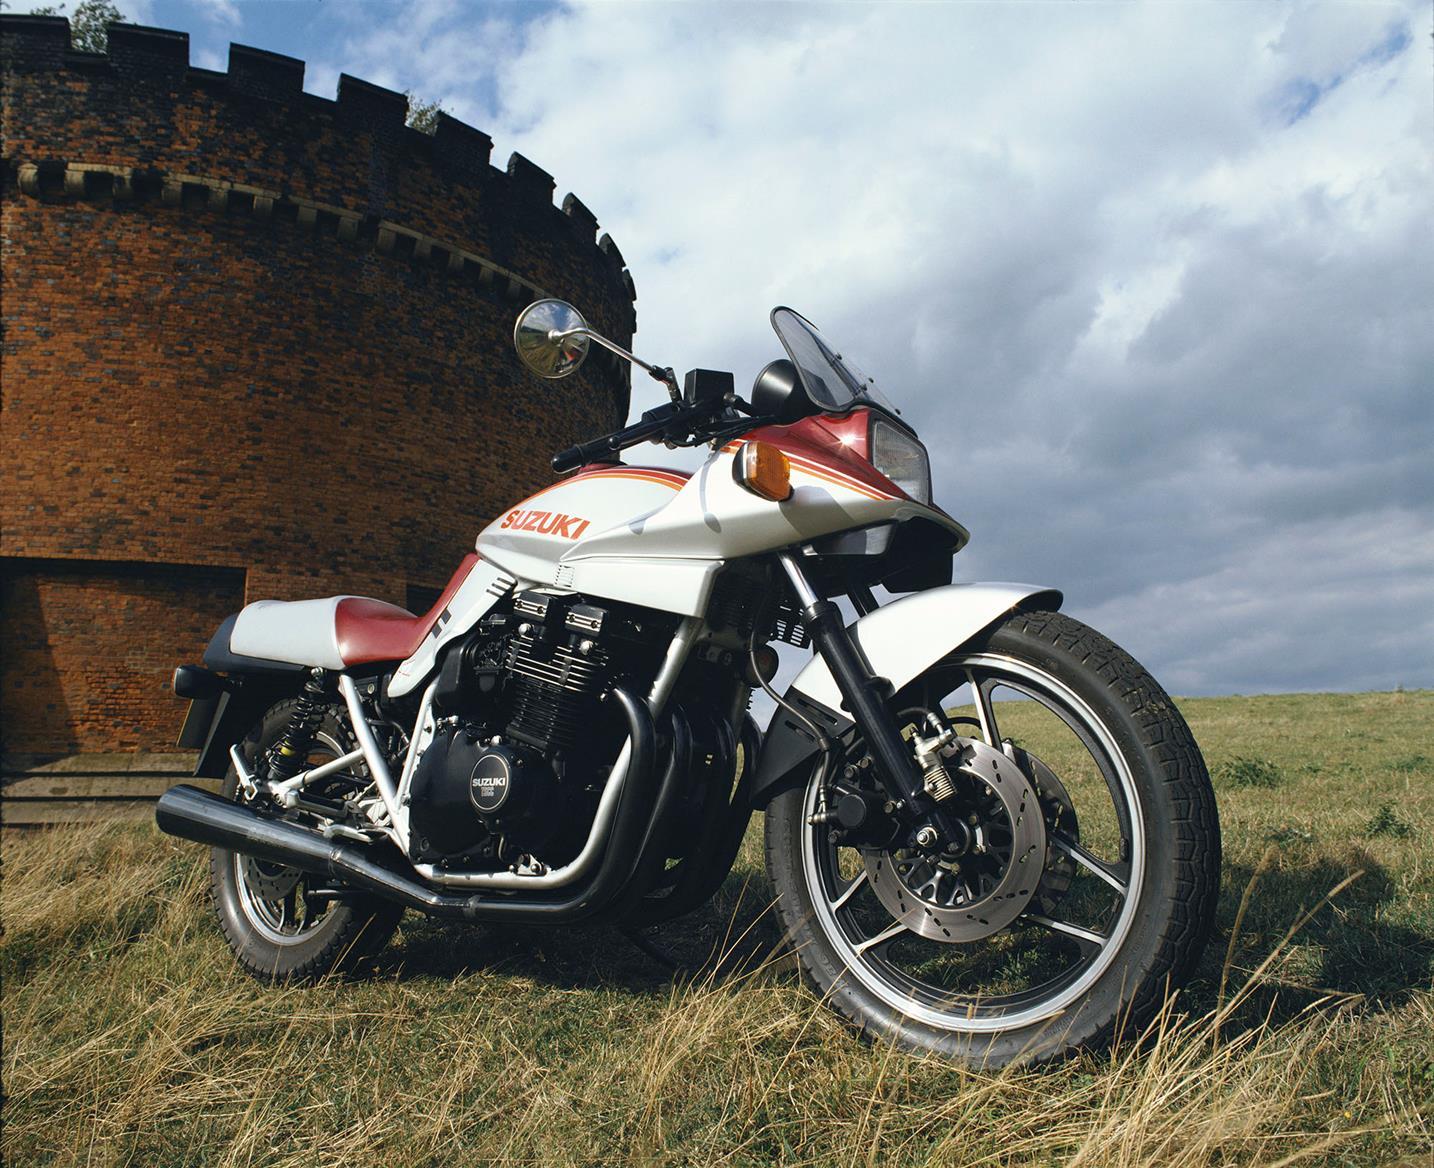 Suzuki GSX1100 Katana profile